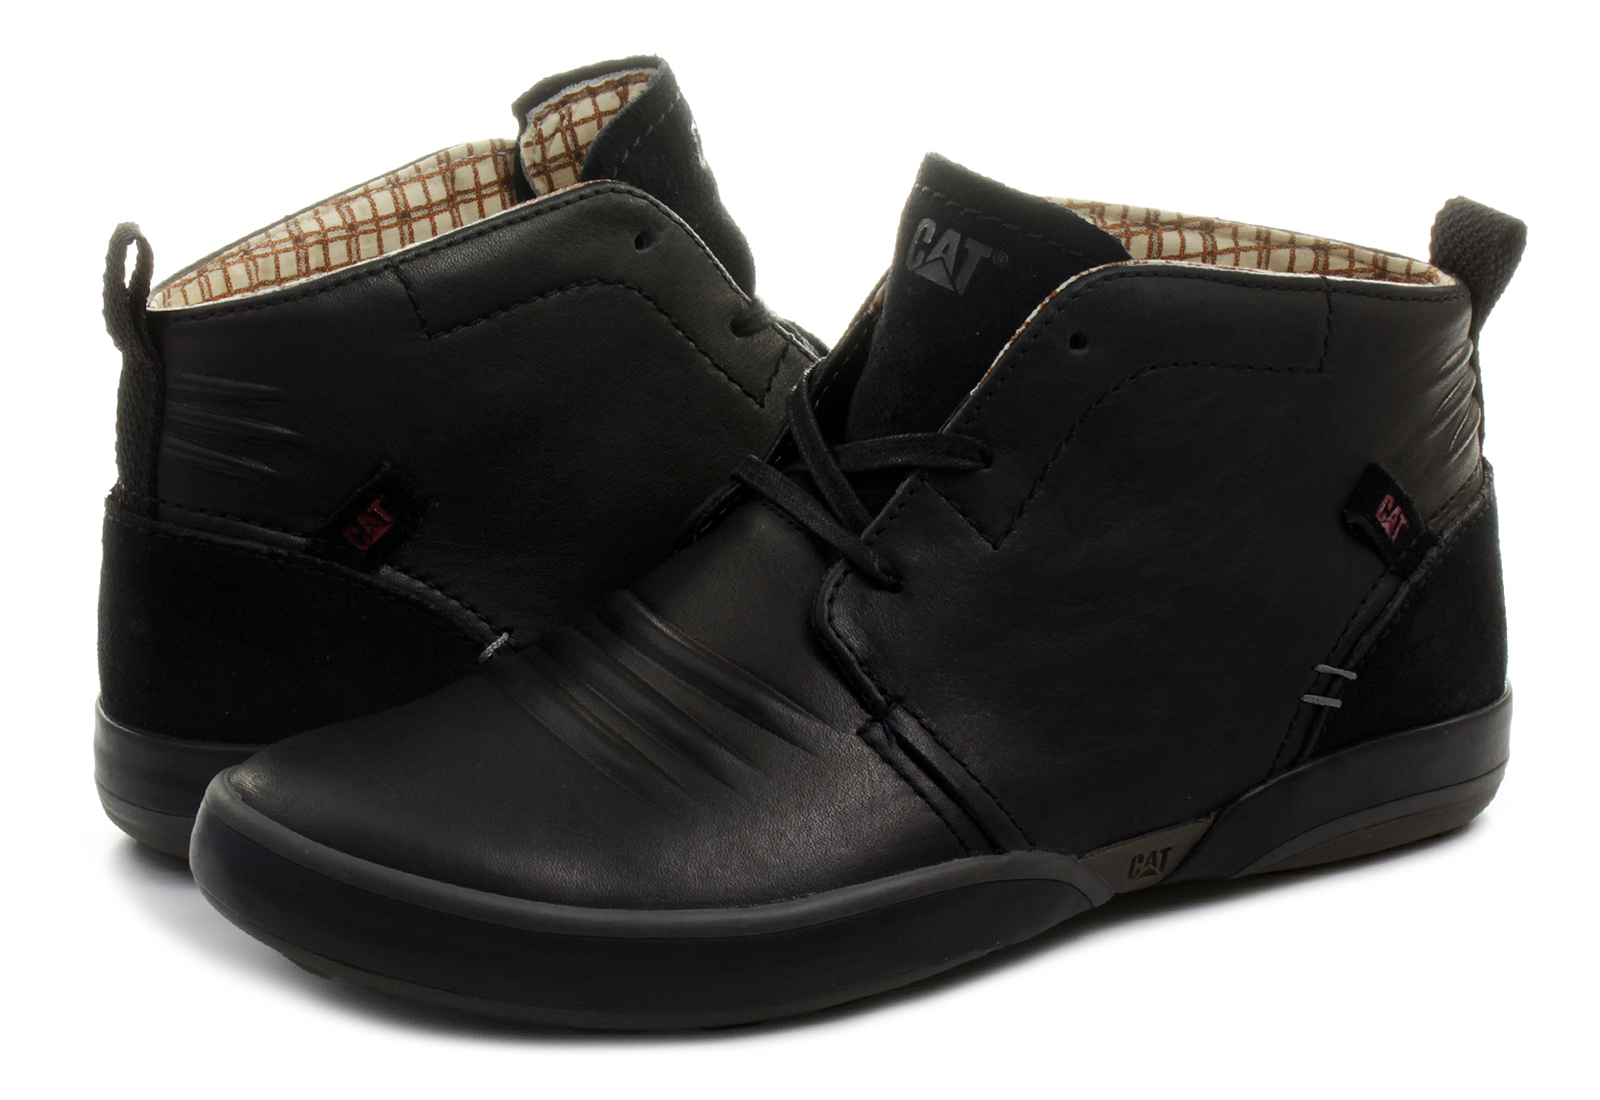 Cat Pantofi Status Hi